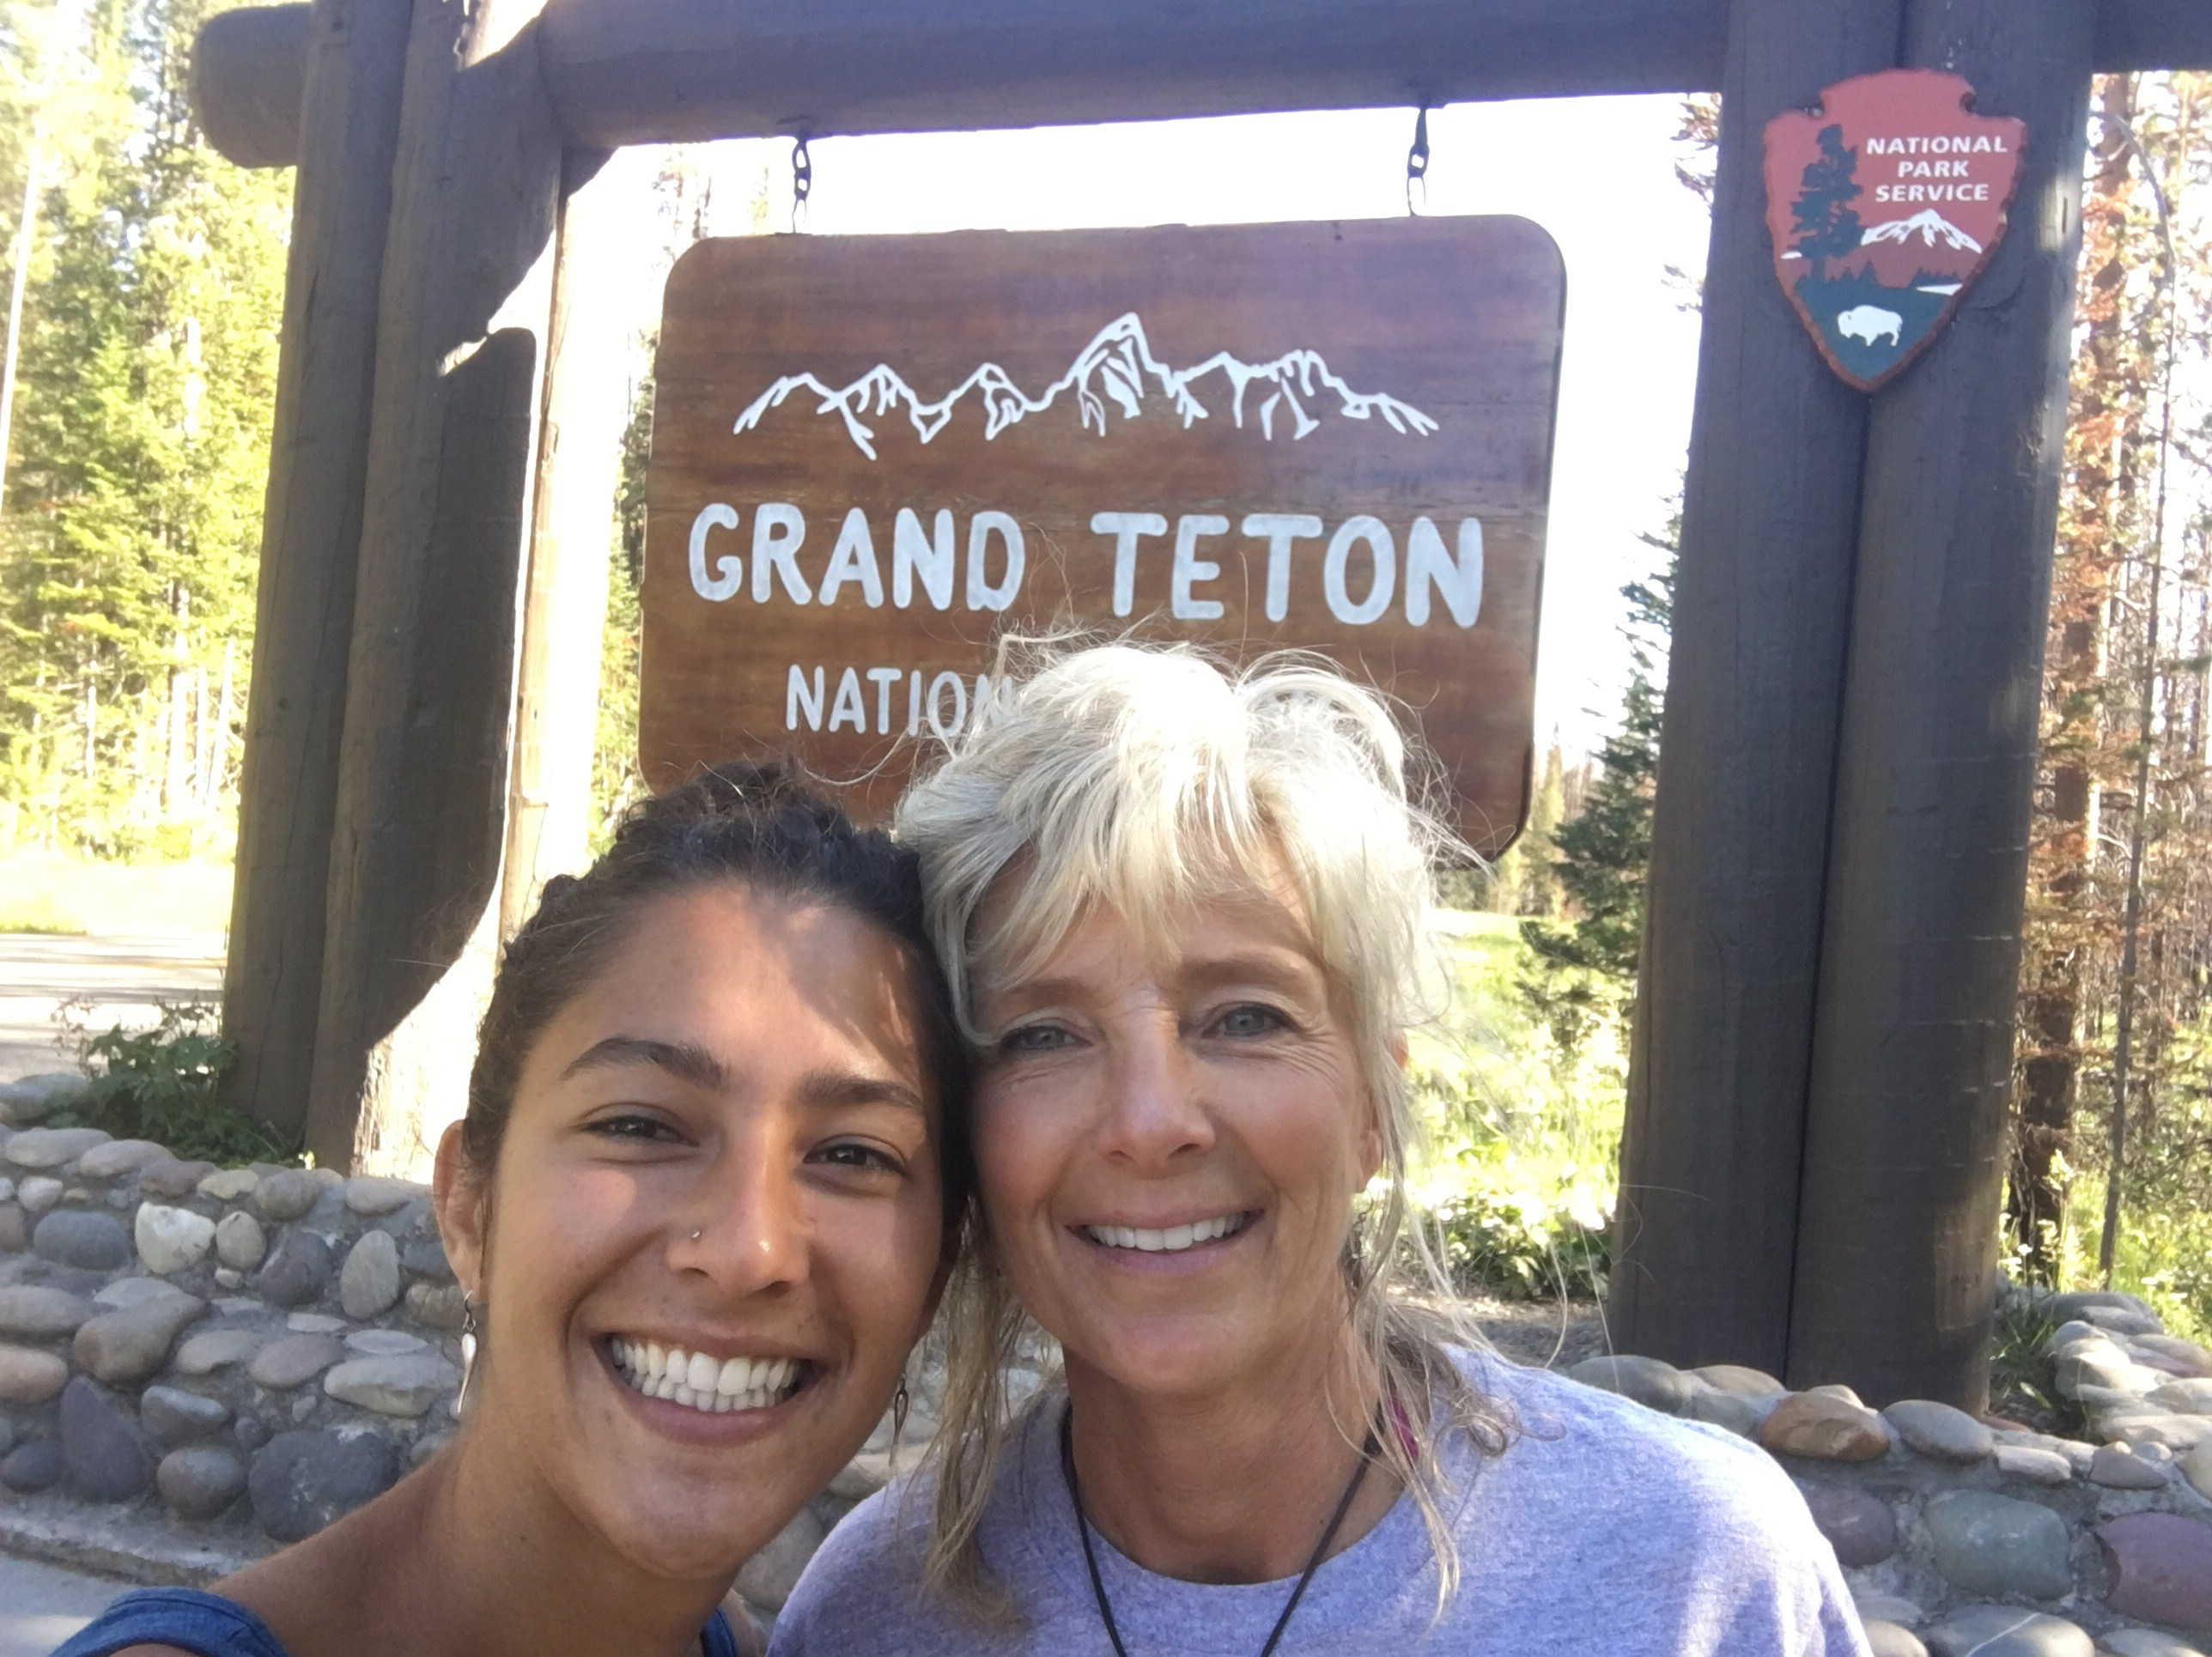 Mom and I ate Grand Teton National Park